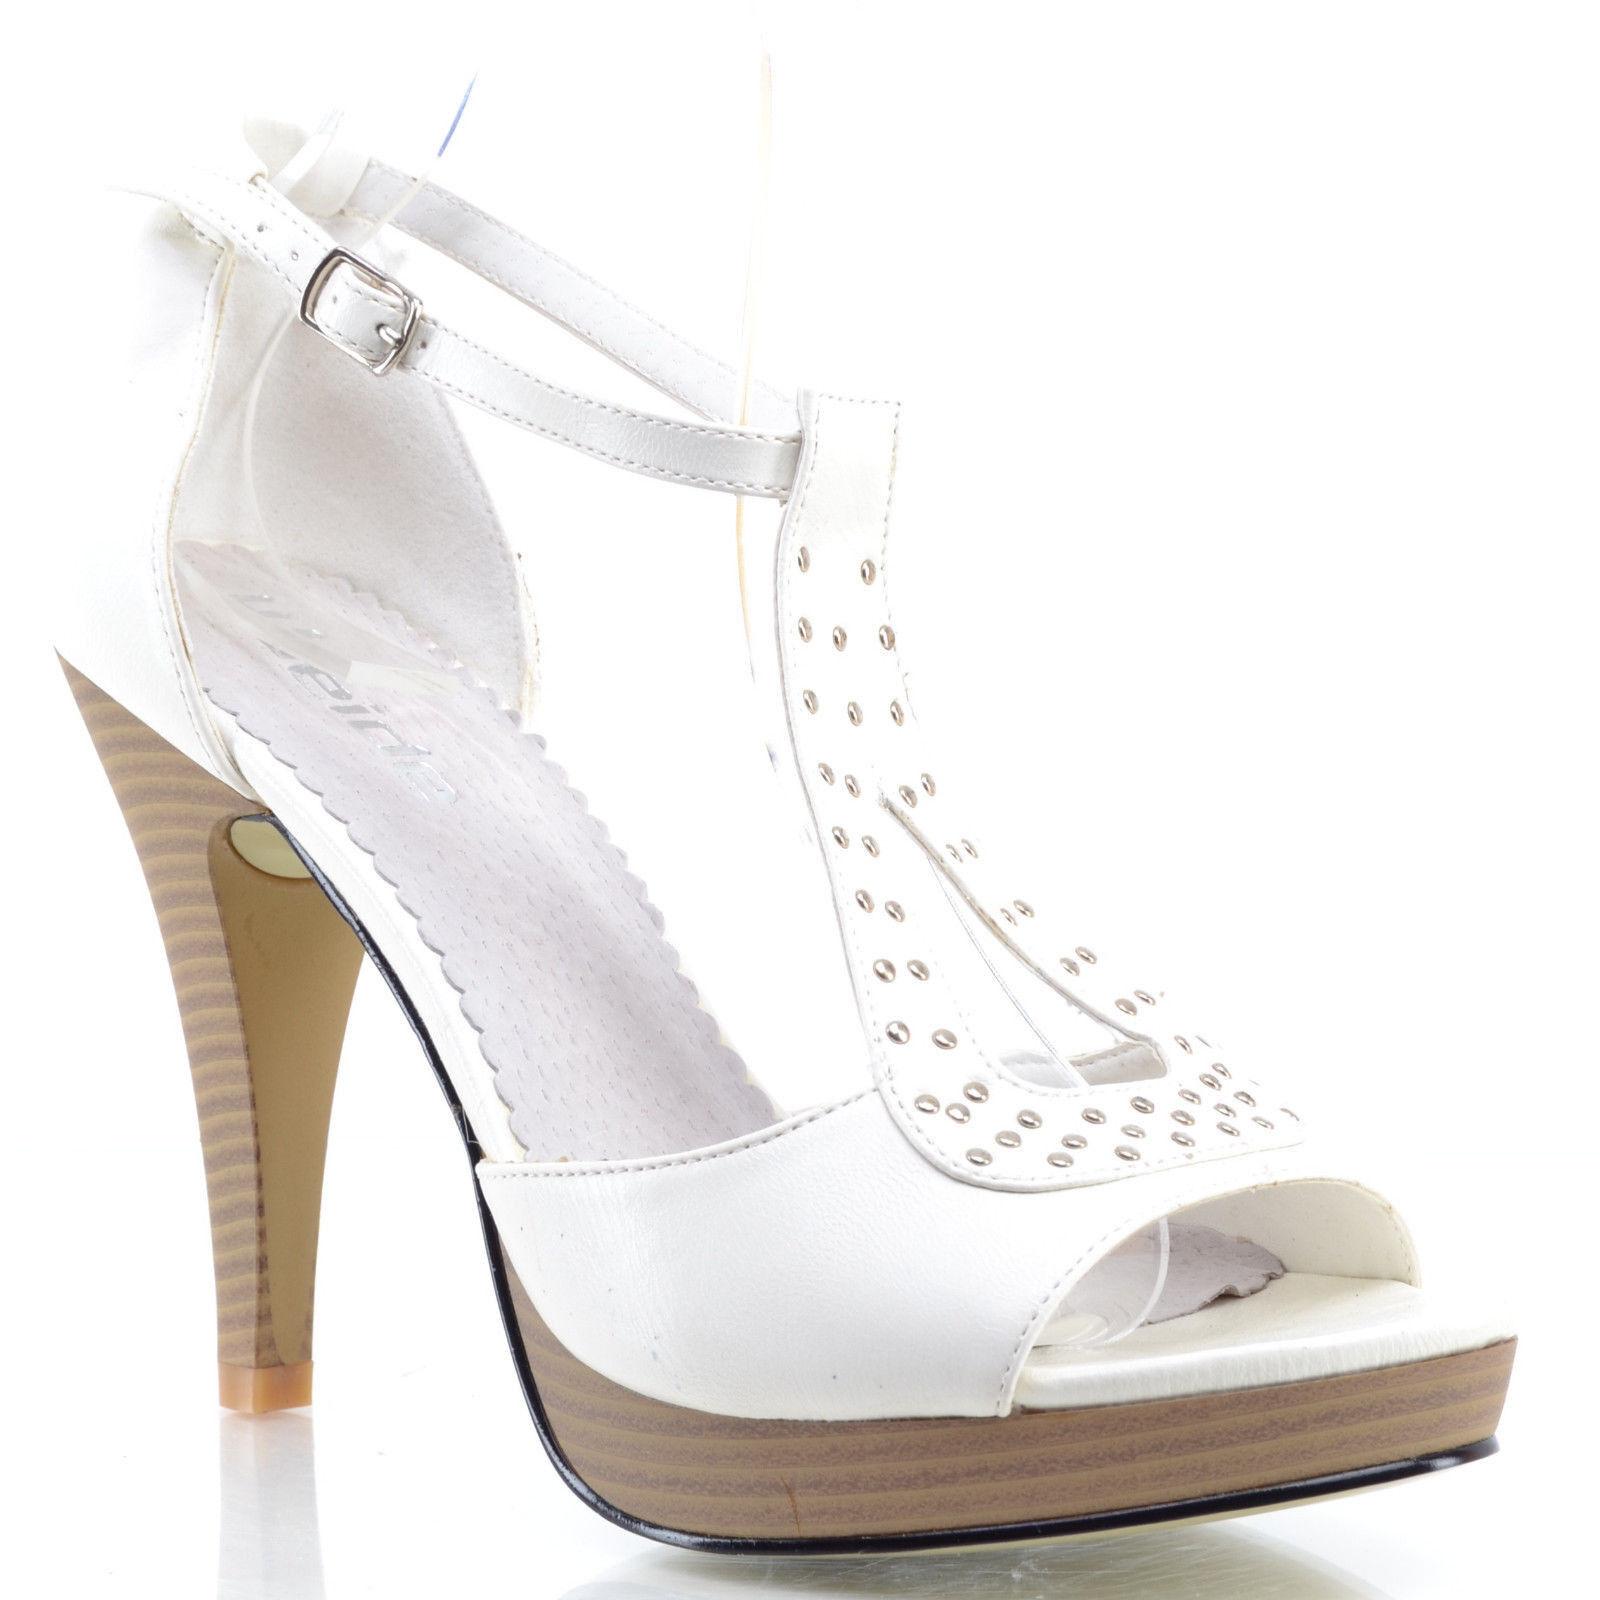 Escarpins Femme Haut Talon Brides Blanc Cloutées 39 CLOUS ARGENT MALIC ZAZA2CATS